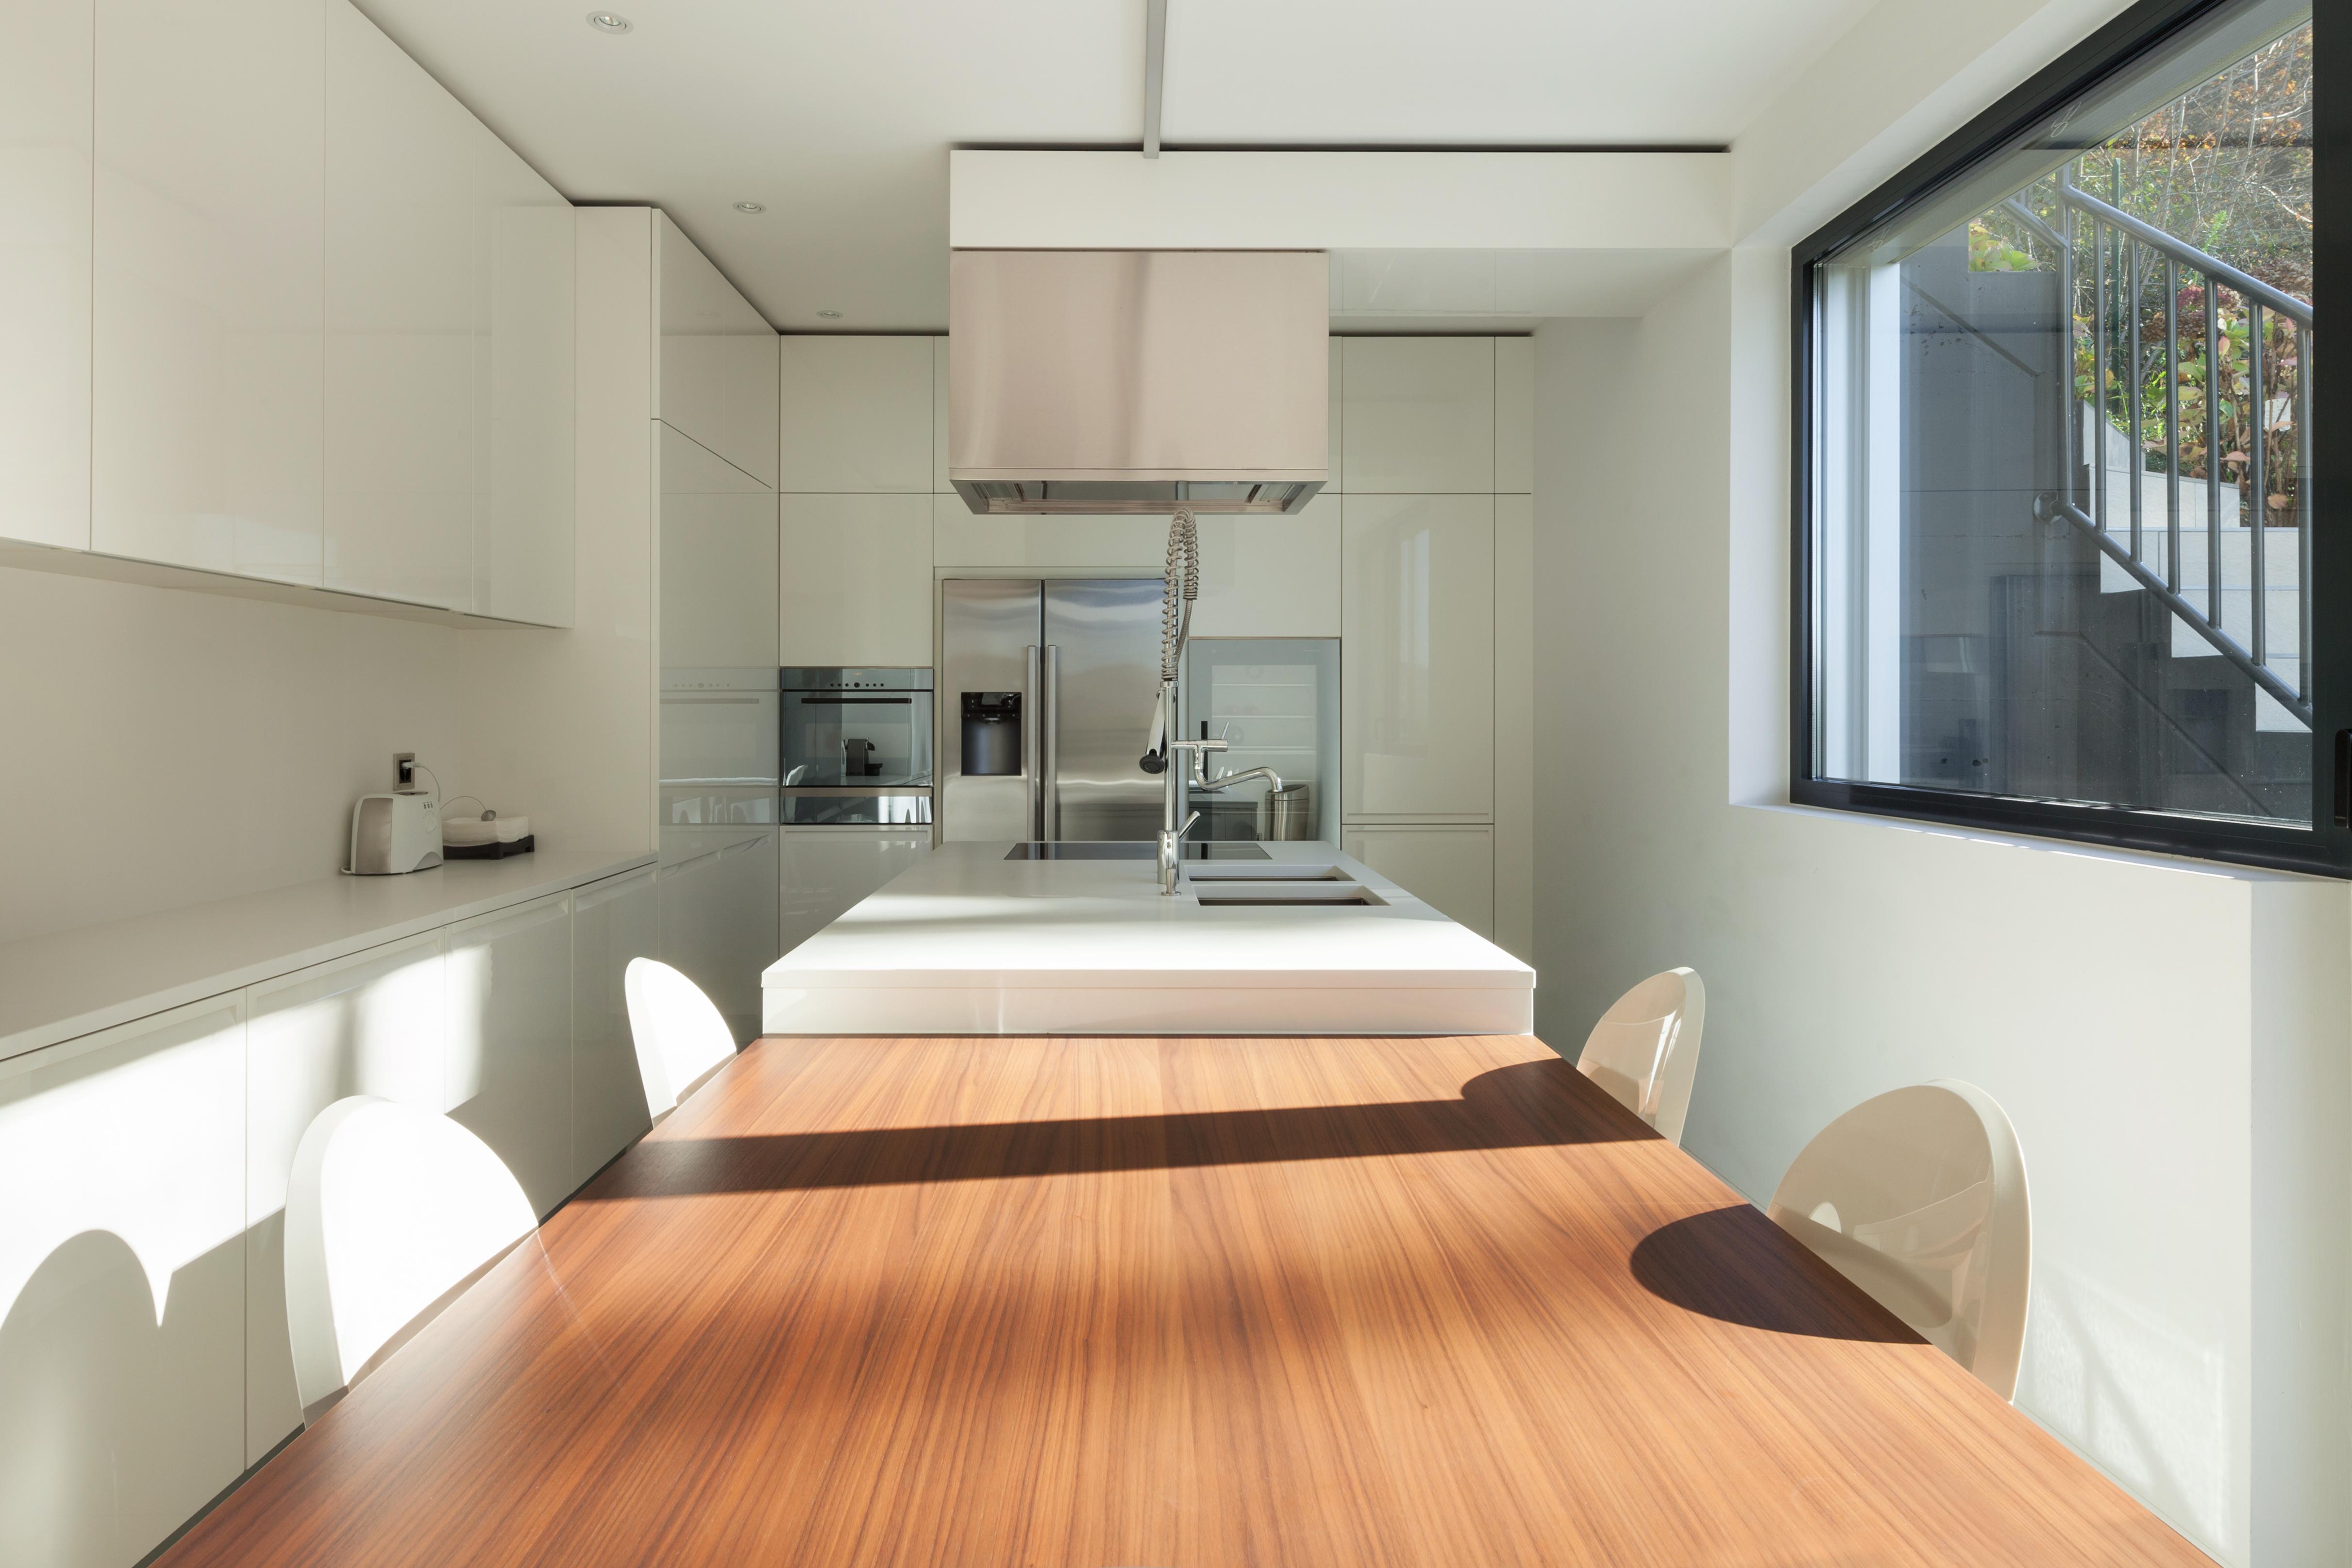 cozinha estrieta com móveis brancos e mesa de refeições